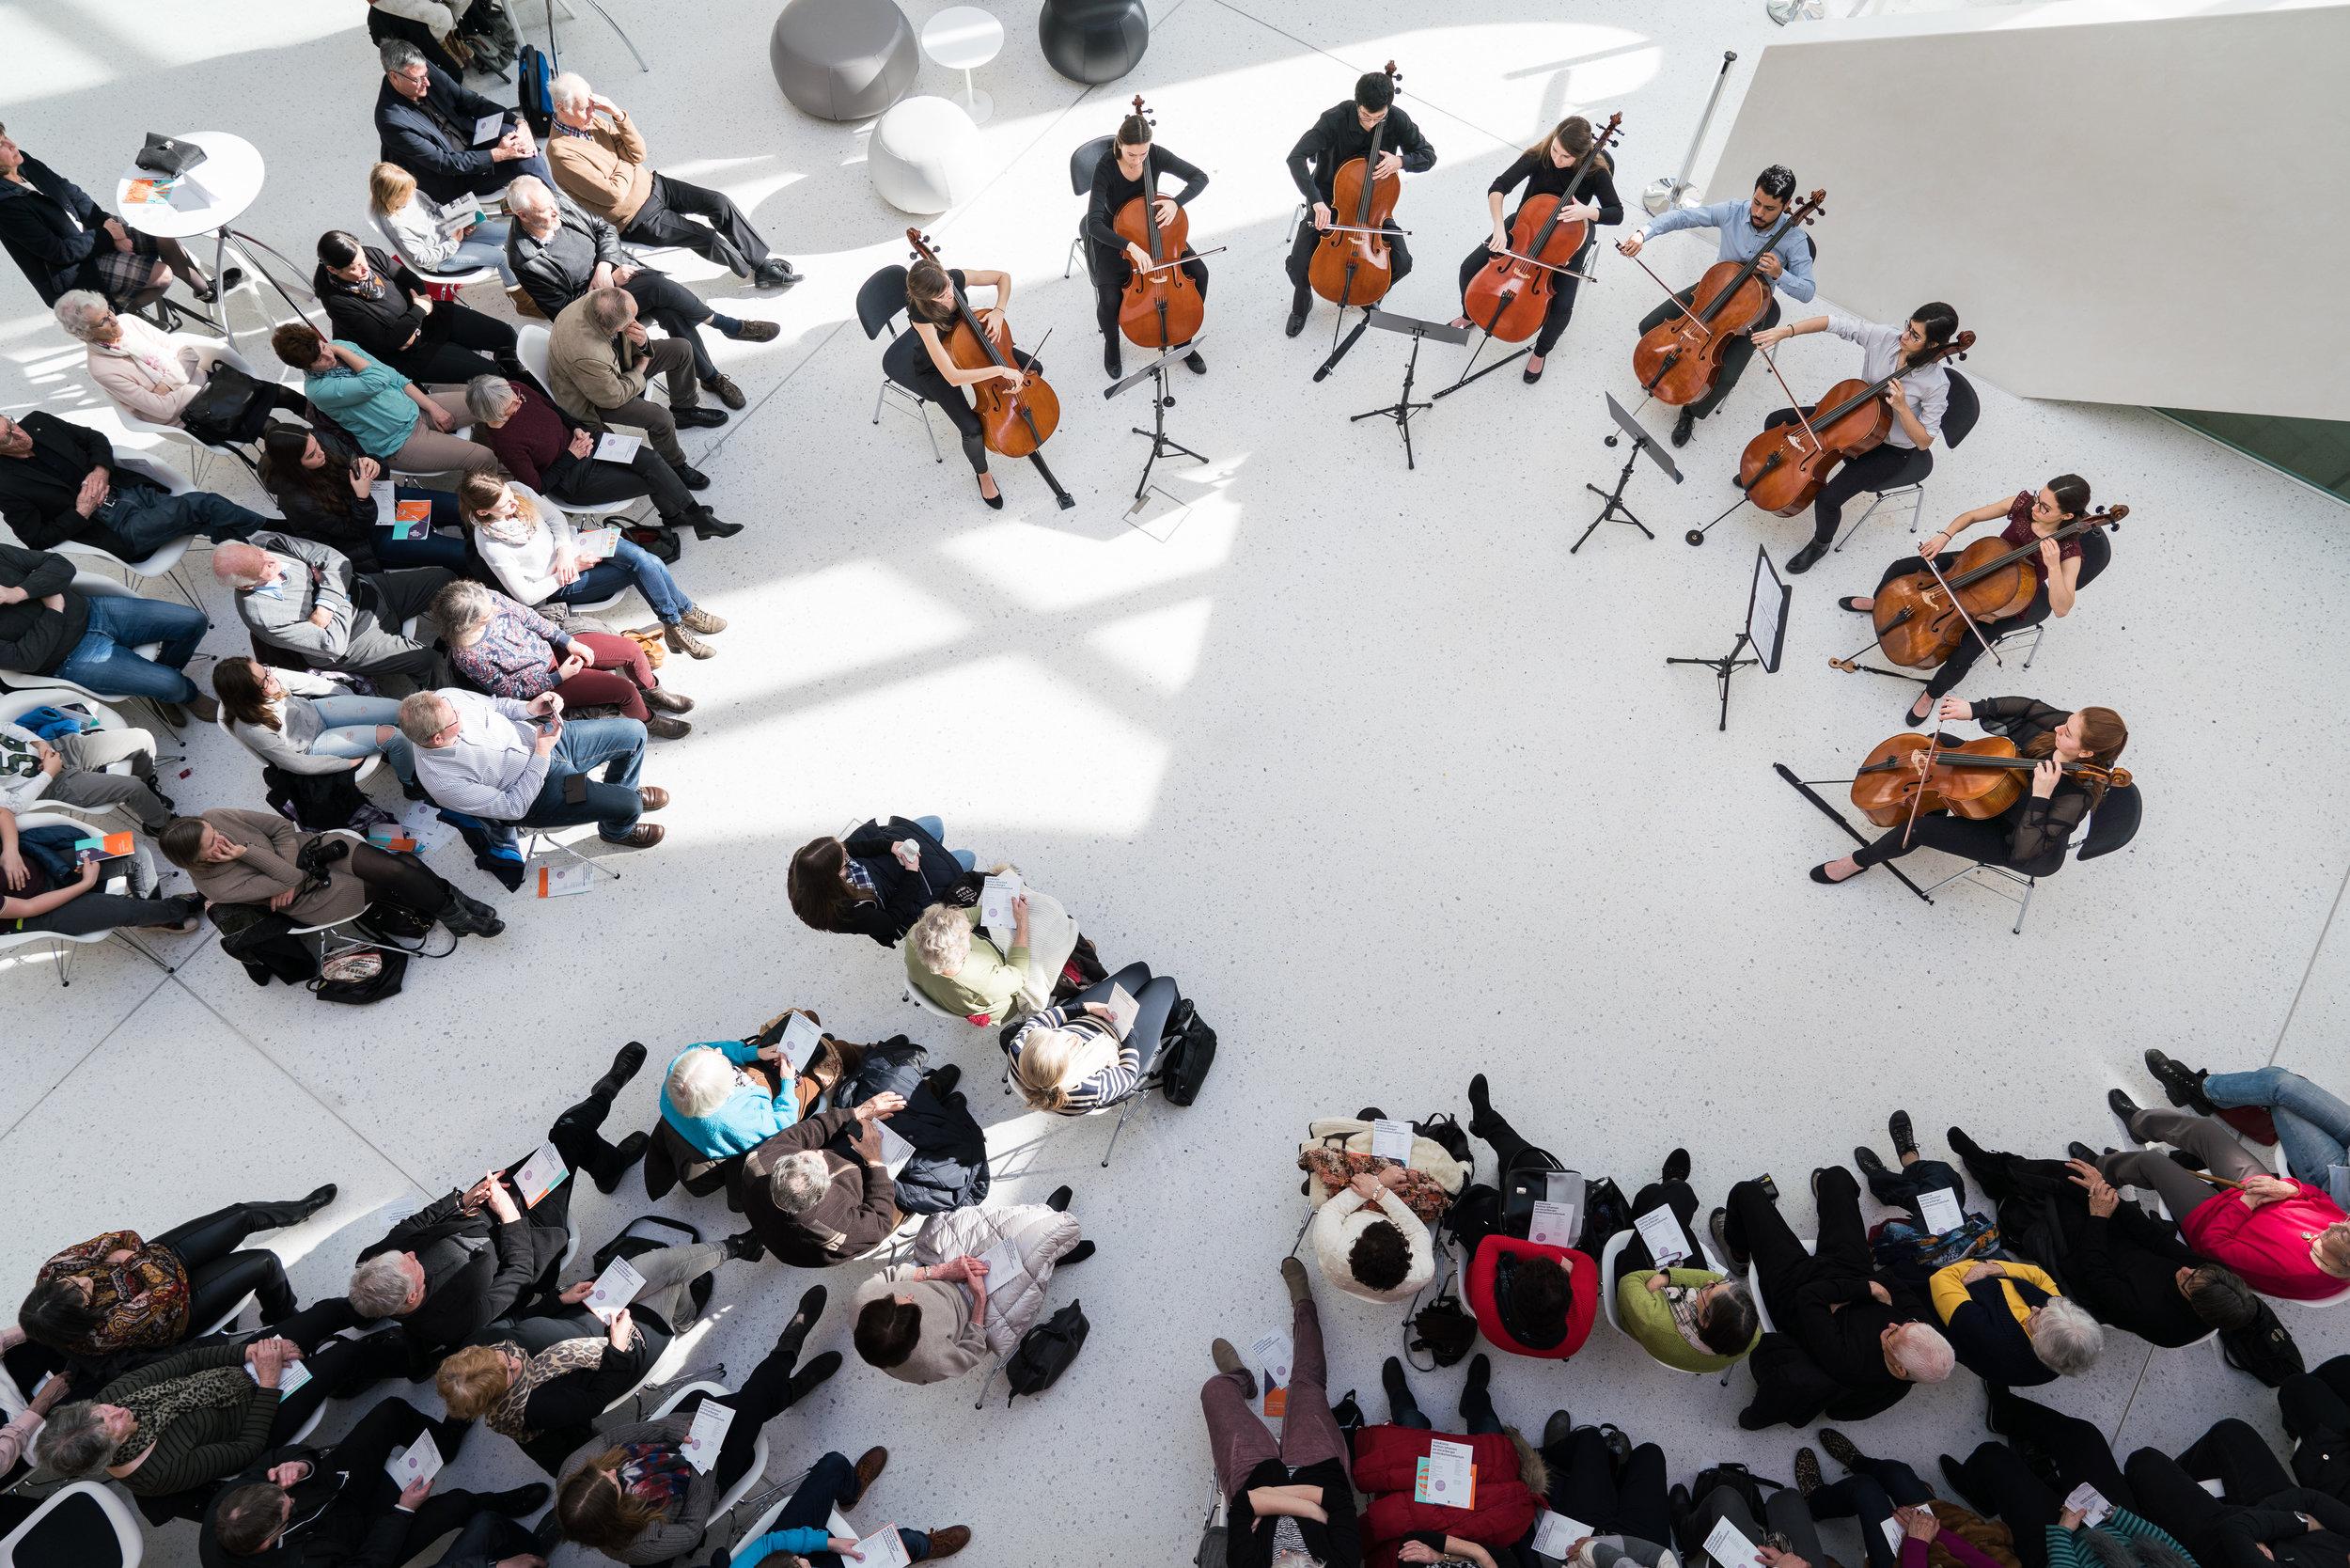 Konzert am Mittag - Cello20180206_030-036.jpg